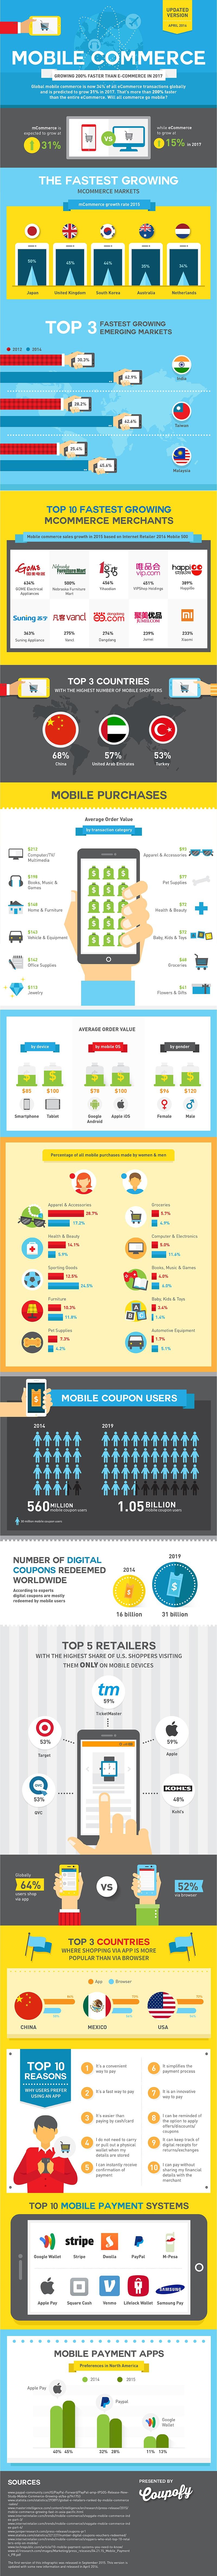 mobile-commerce-infographic.jpg